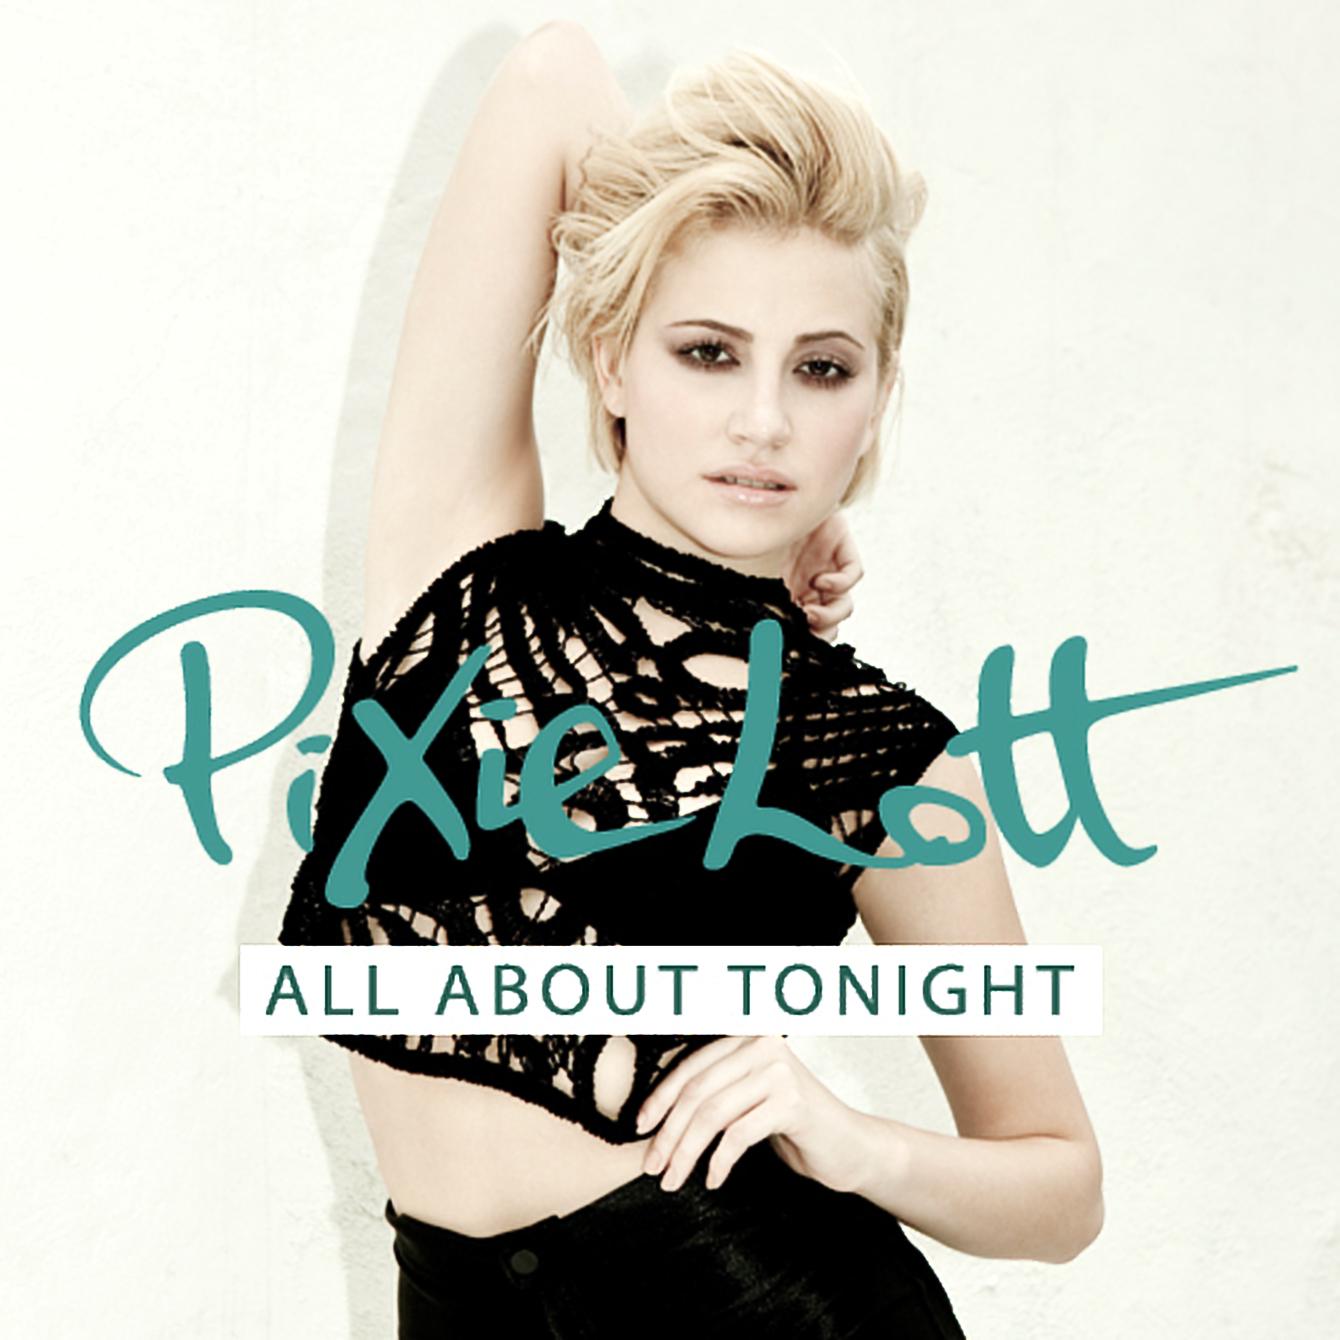 دانلود زیرنویس فارسی فیلم Pixie Lott: All About Tonight